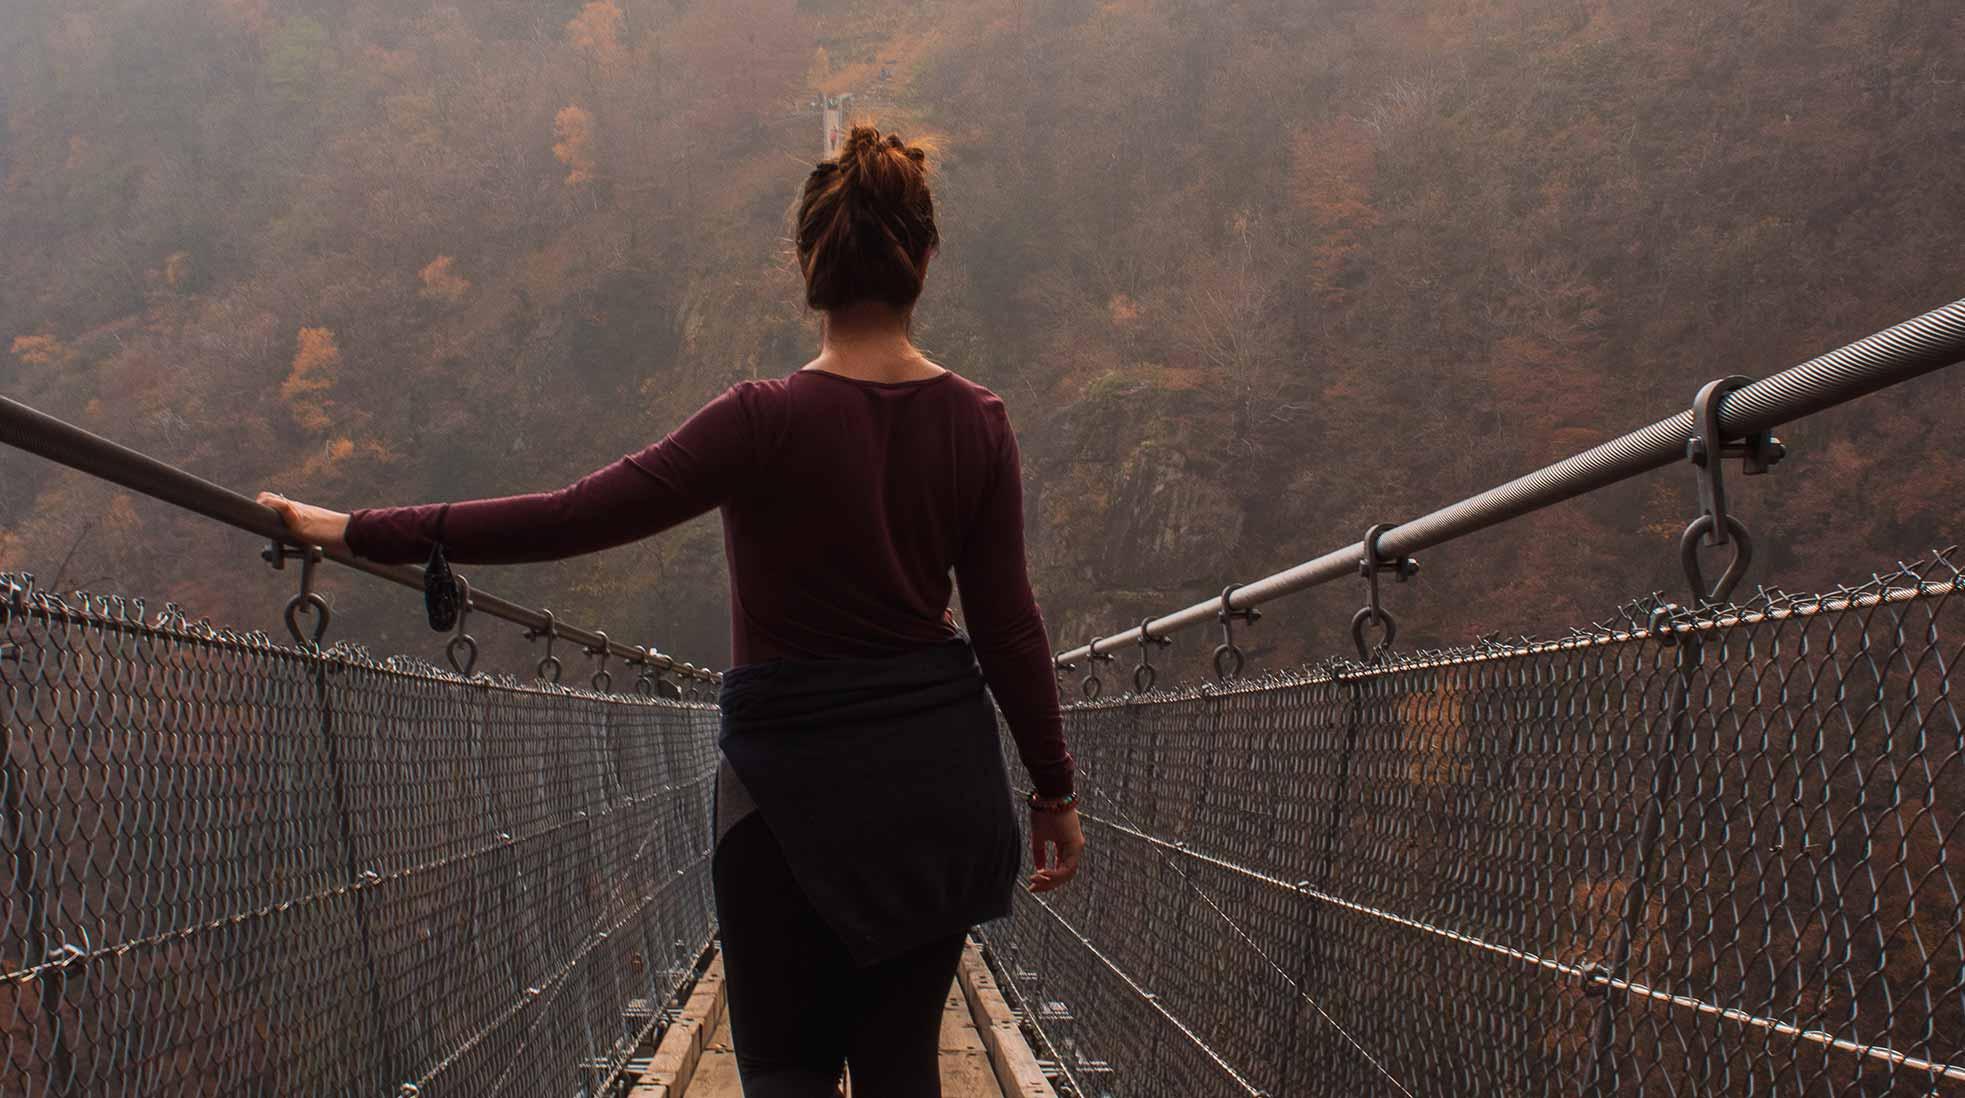 En kvinna går över en hängbro. Foto: Susanna Marsiglia / Unsplash